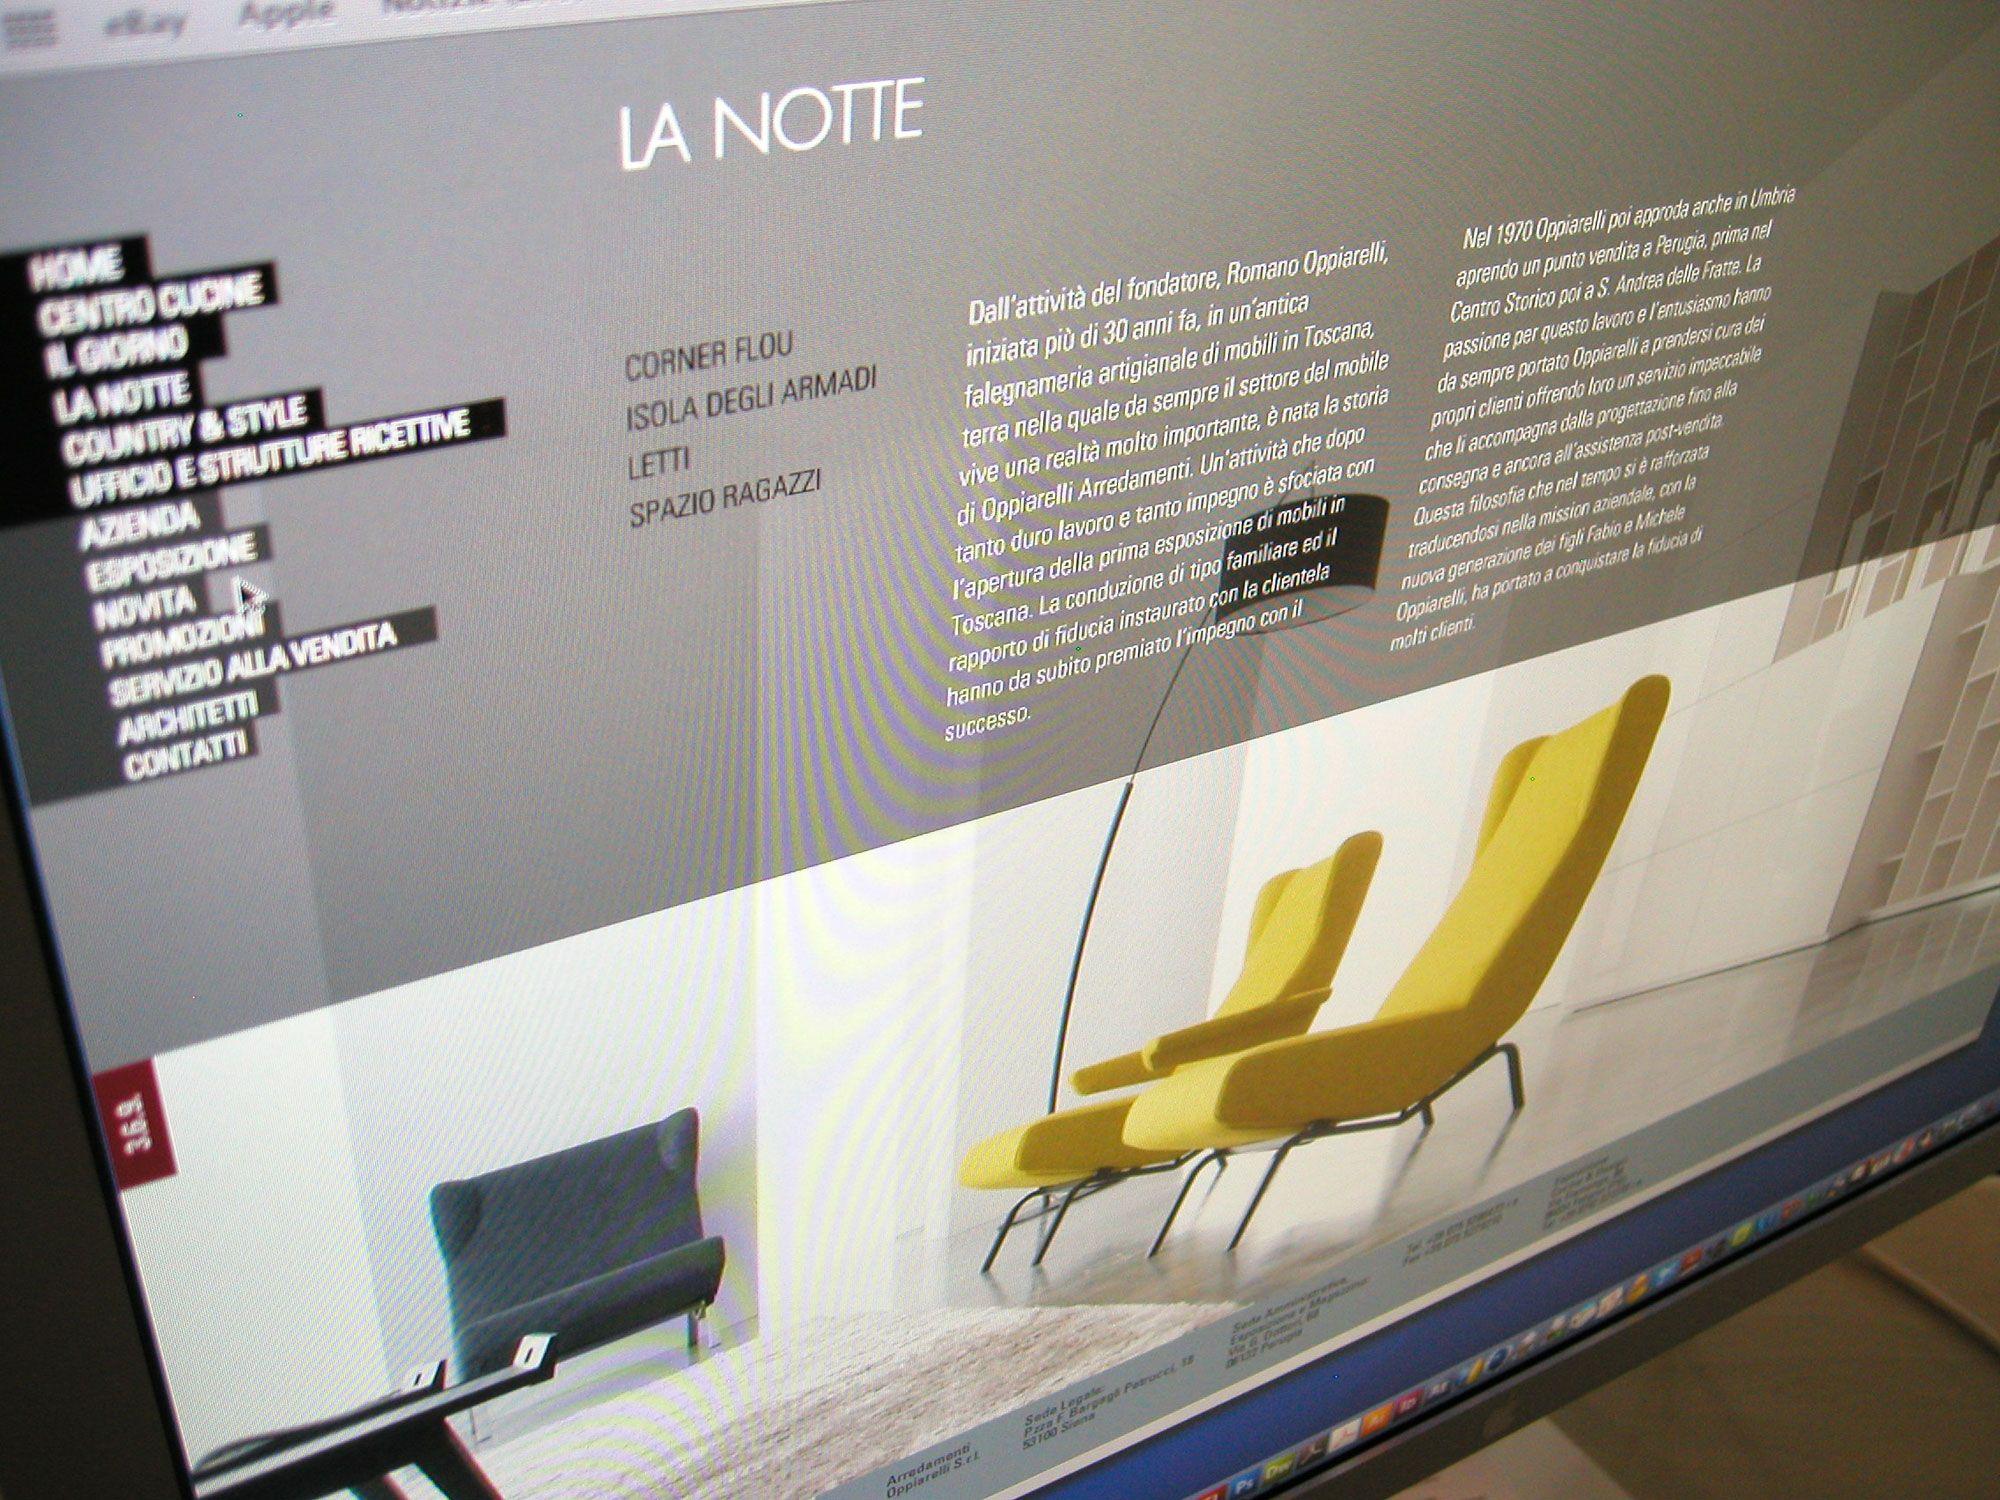 Local Professional Website Design Development For On Line Websites Hampshire Based Design Agen With Images Professional Website Design Web Design Inspiration Web Design